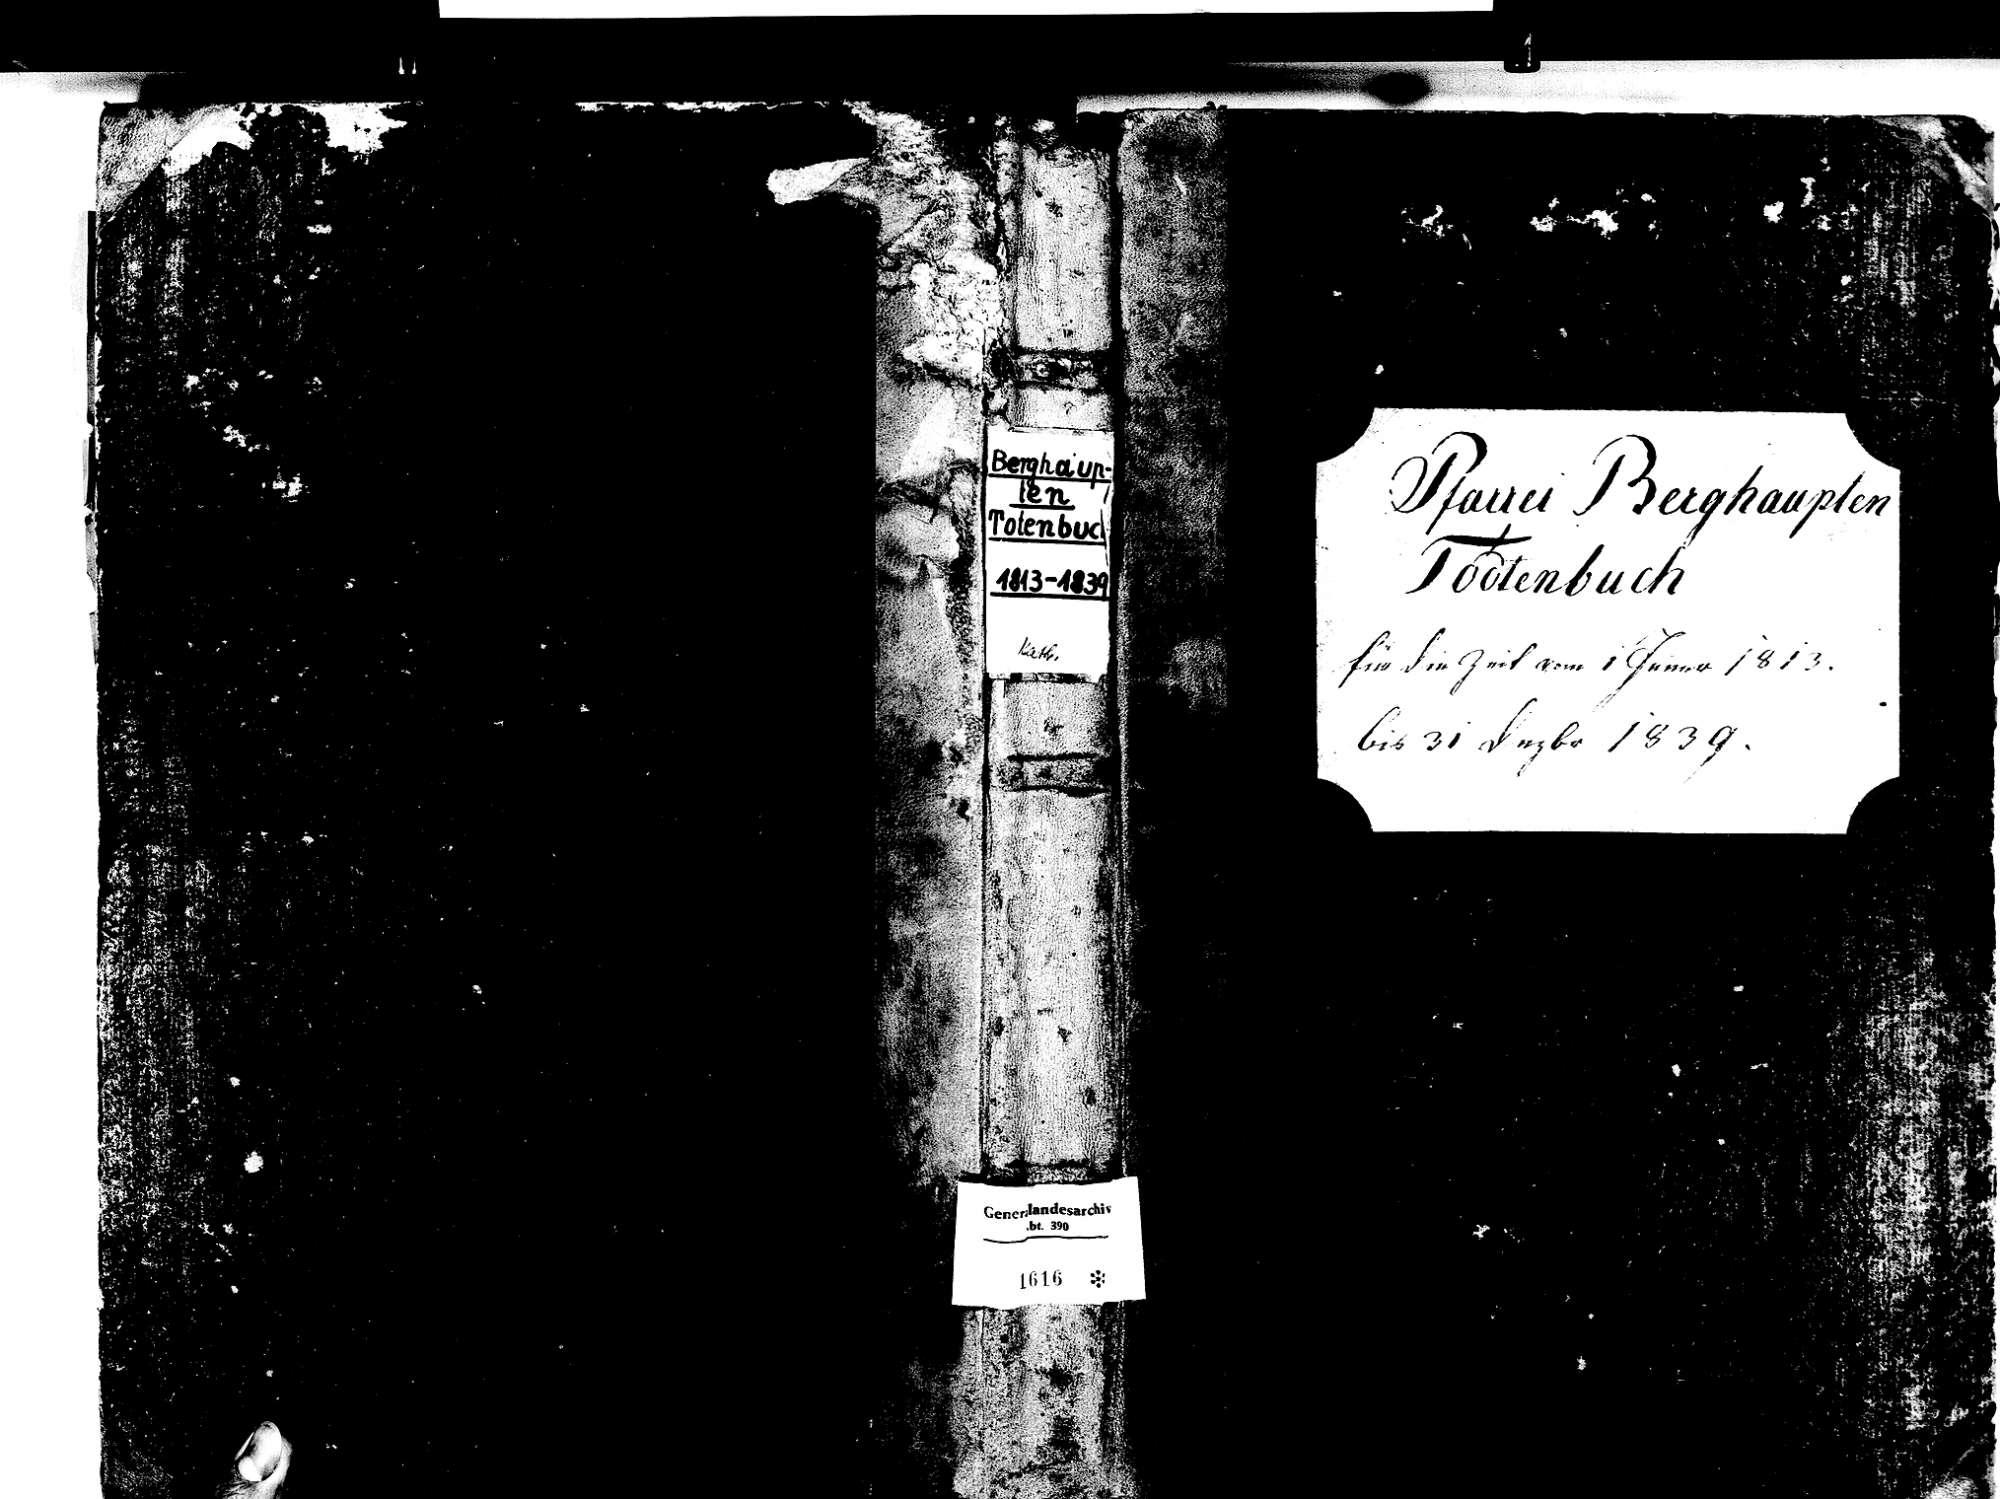 Berghaupten OG; Katholische Gemeinde: Sterbebuch 1813-1839 Enthält: Einzelne Evangelische Einträge, Bild 1